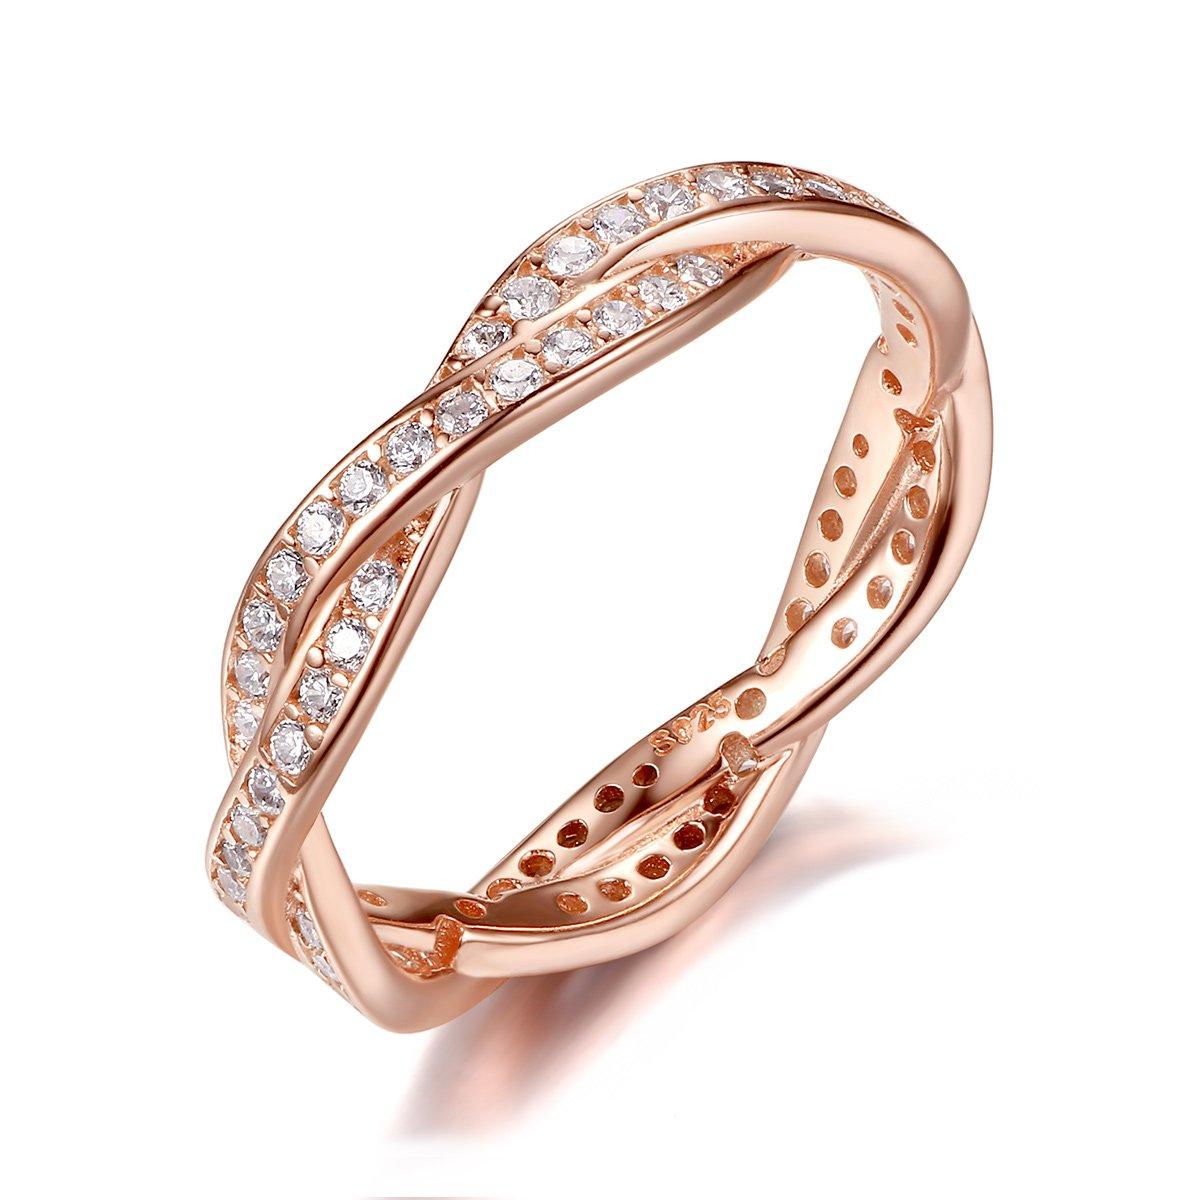 Qings Bague Argent Massif 925,Bague Plaqu/é Or Rose avec Bijoux de Mariage en Zircon Cubique pour Les Femmes Dames Filles